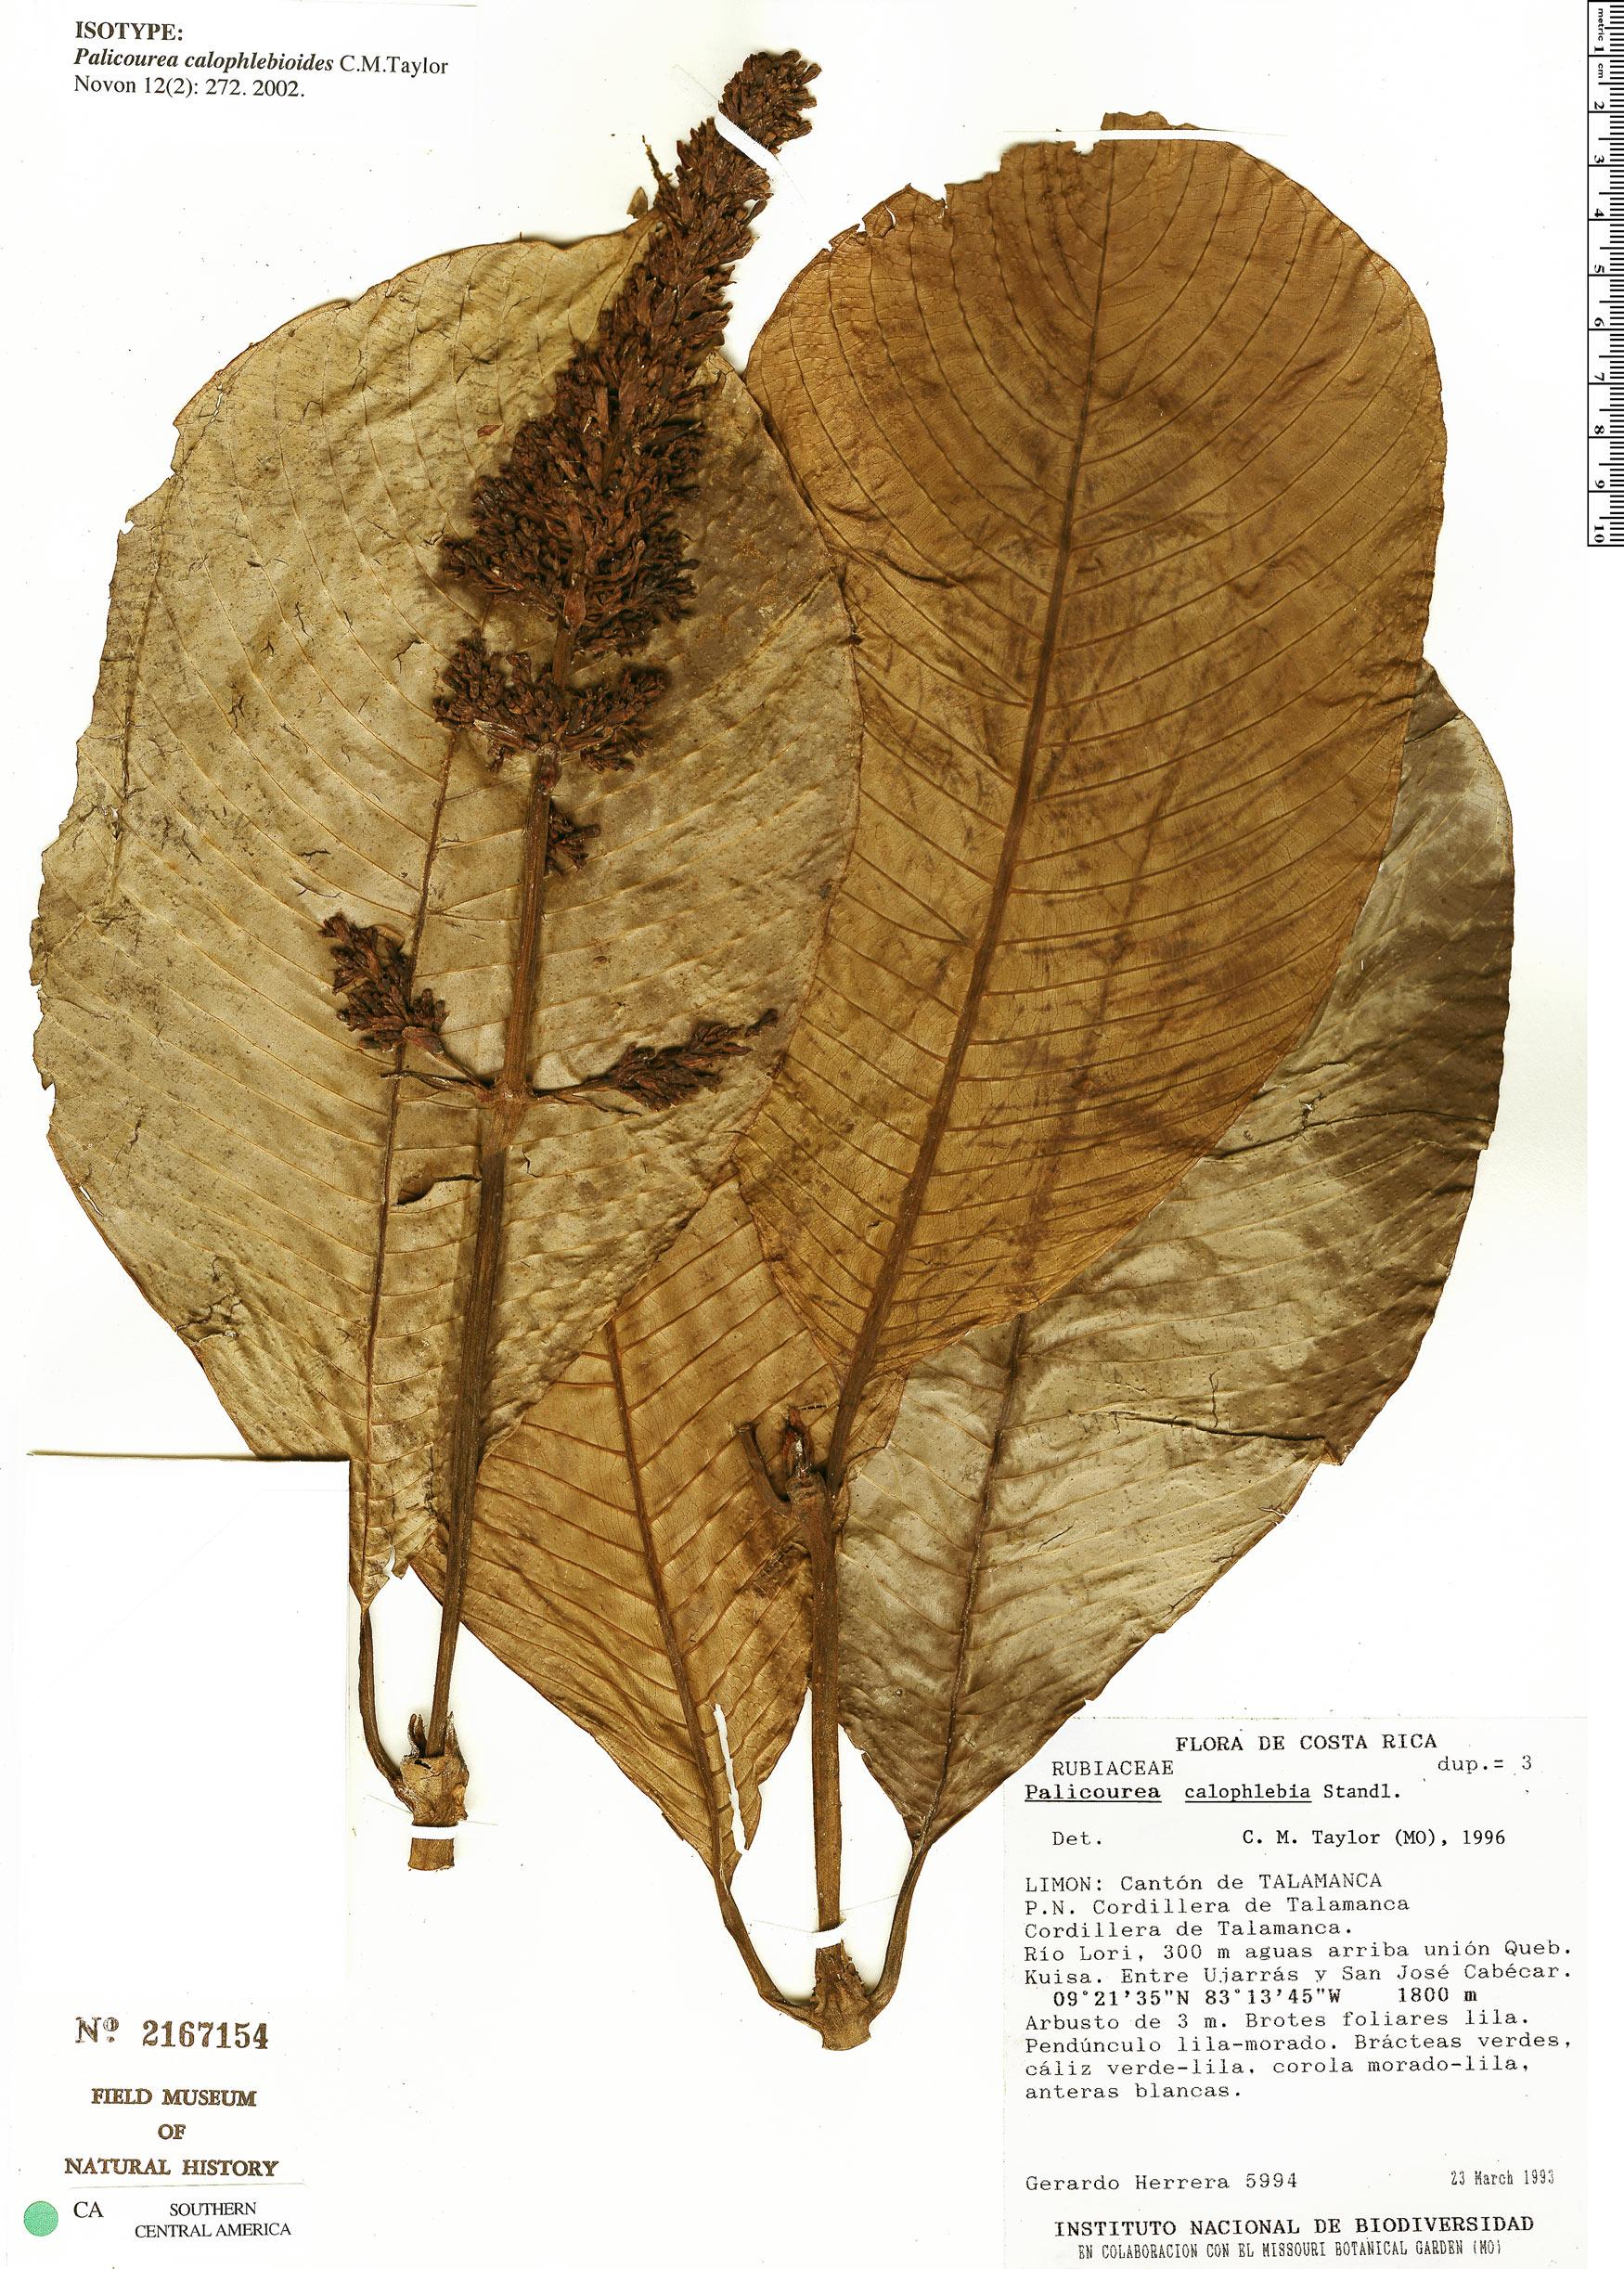 Specimen: Palicourea calophlebioides